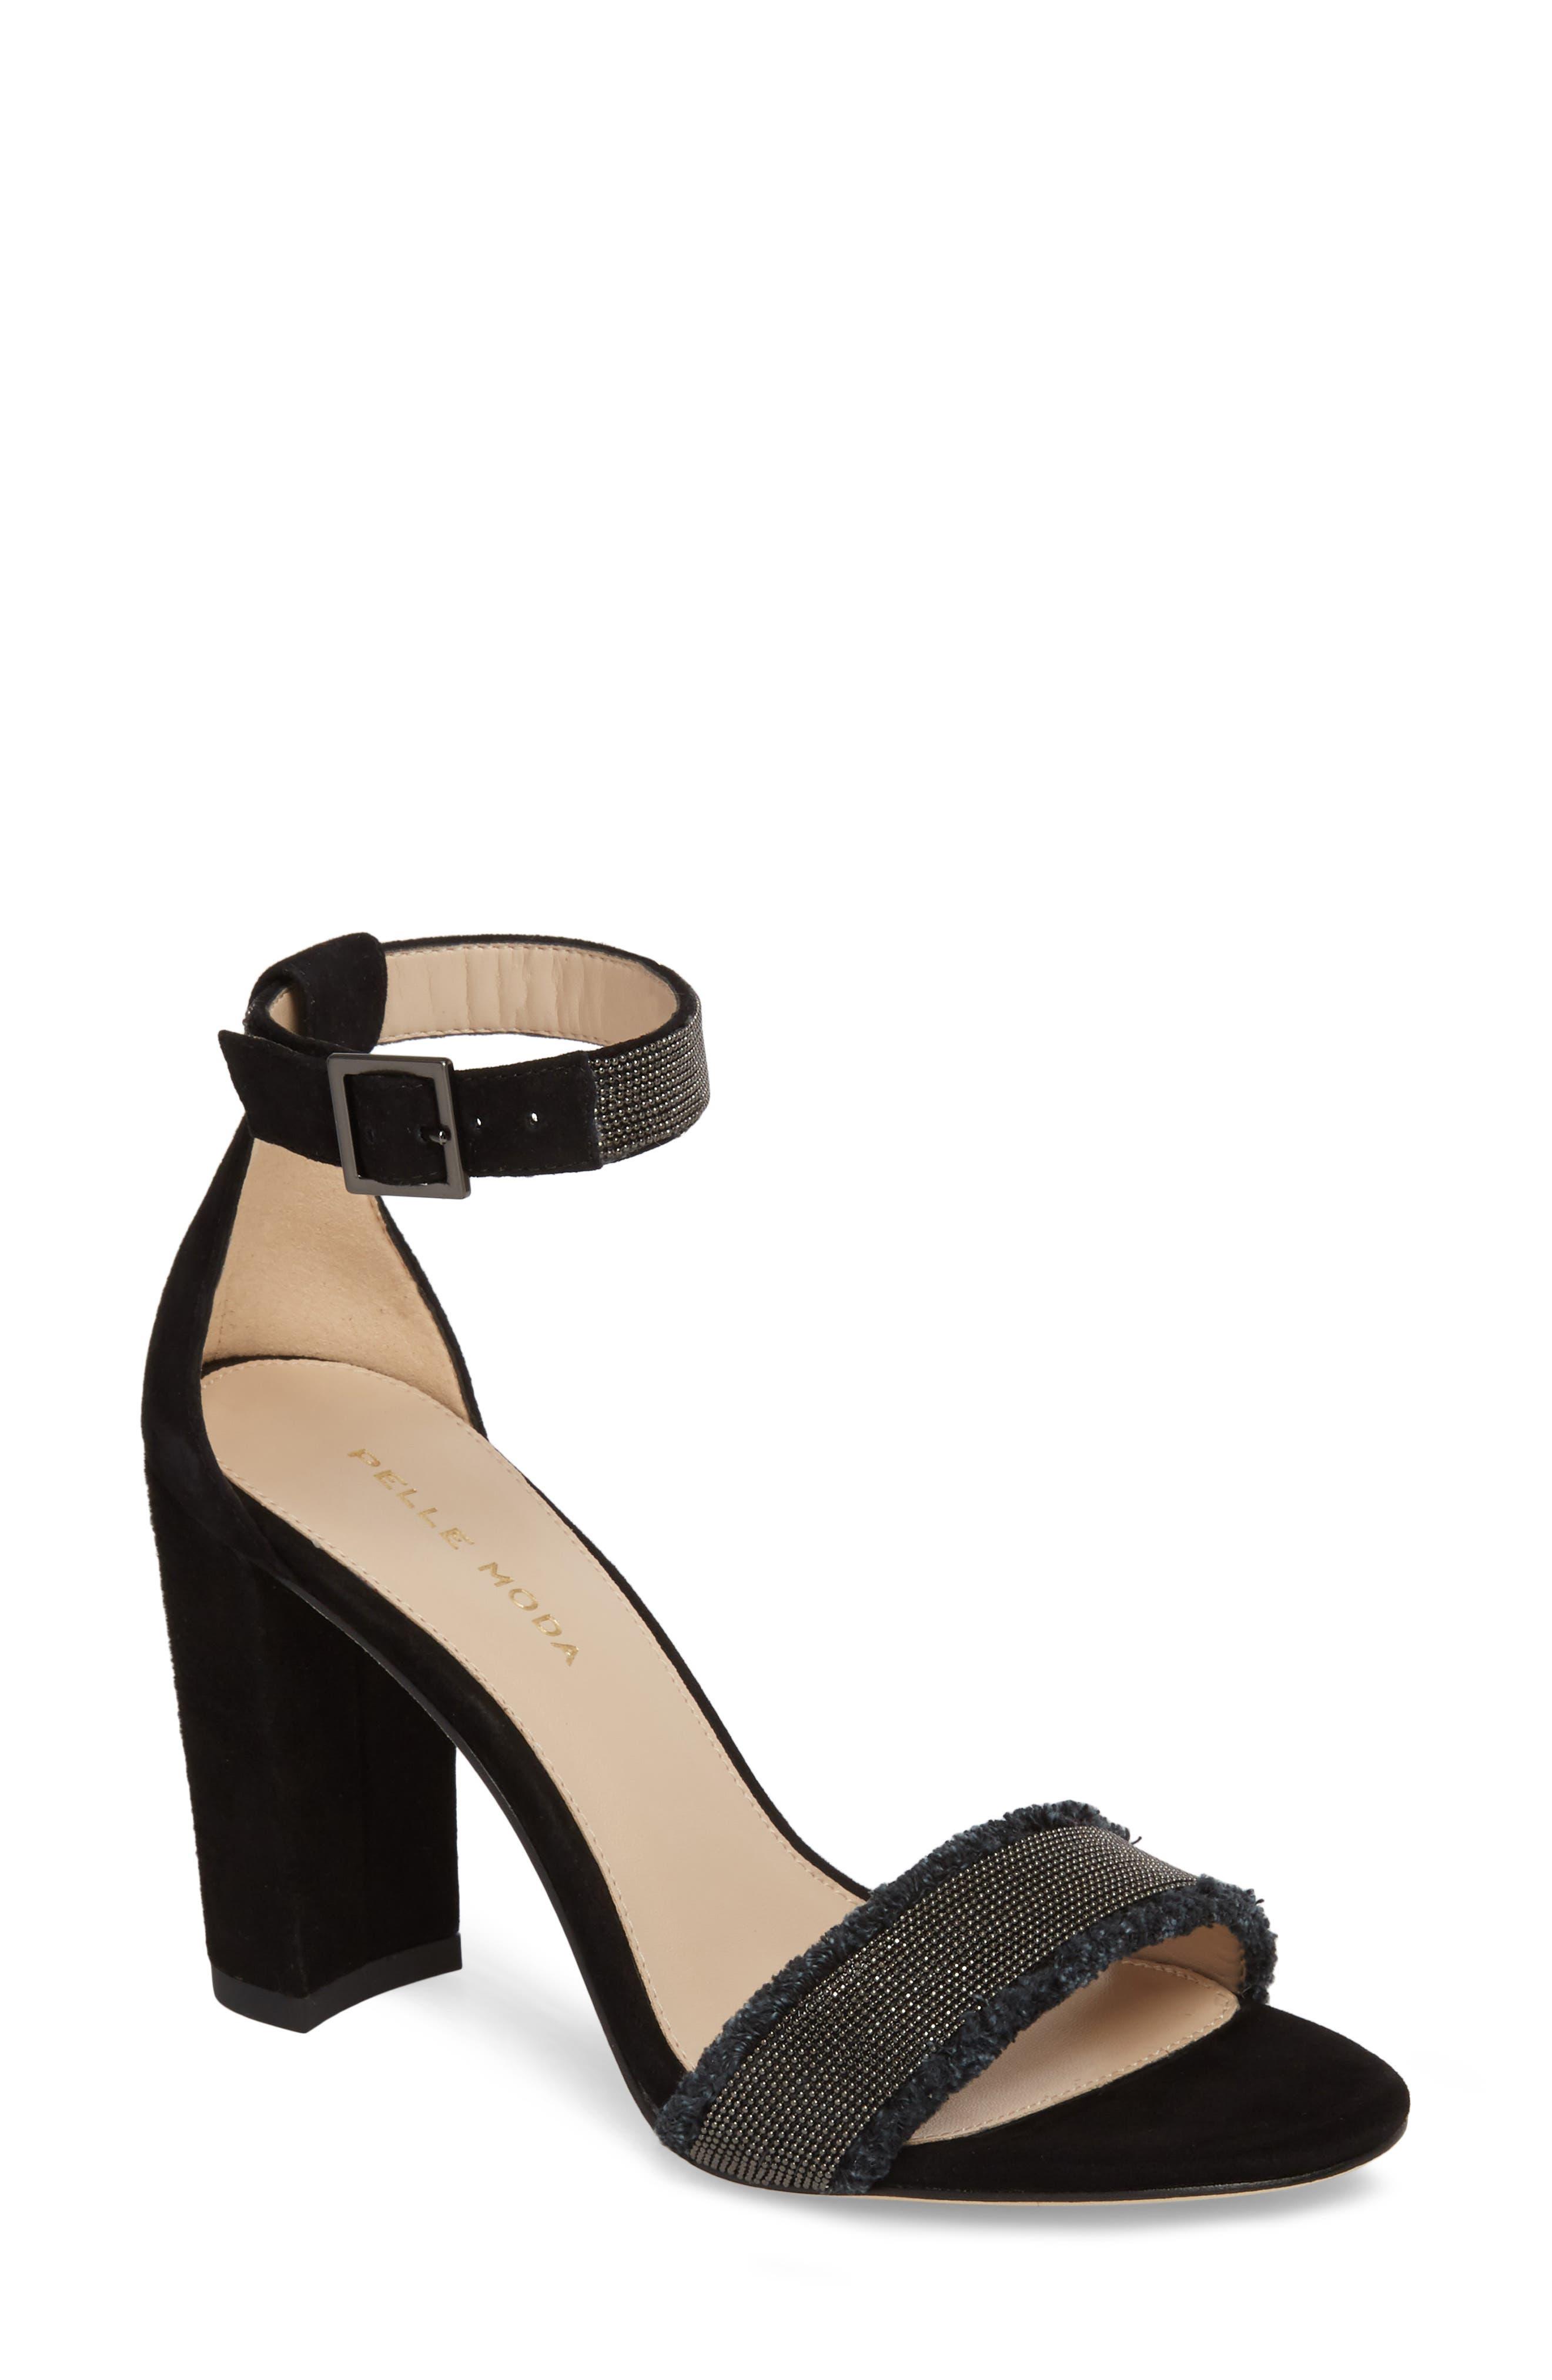 PELLE MODA Bonnie6 Embellished Sandal, Main, color, BLACK SUEDE